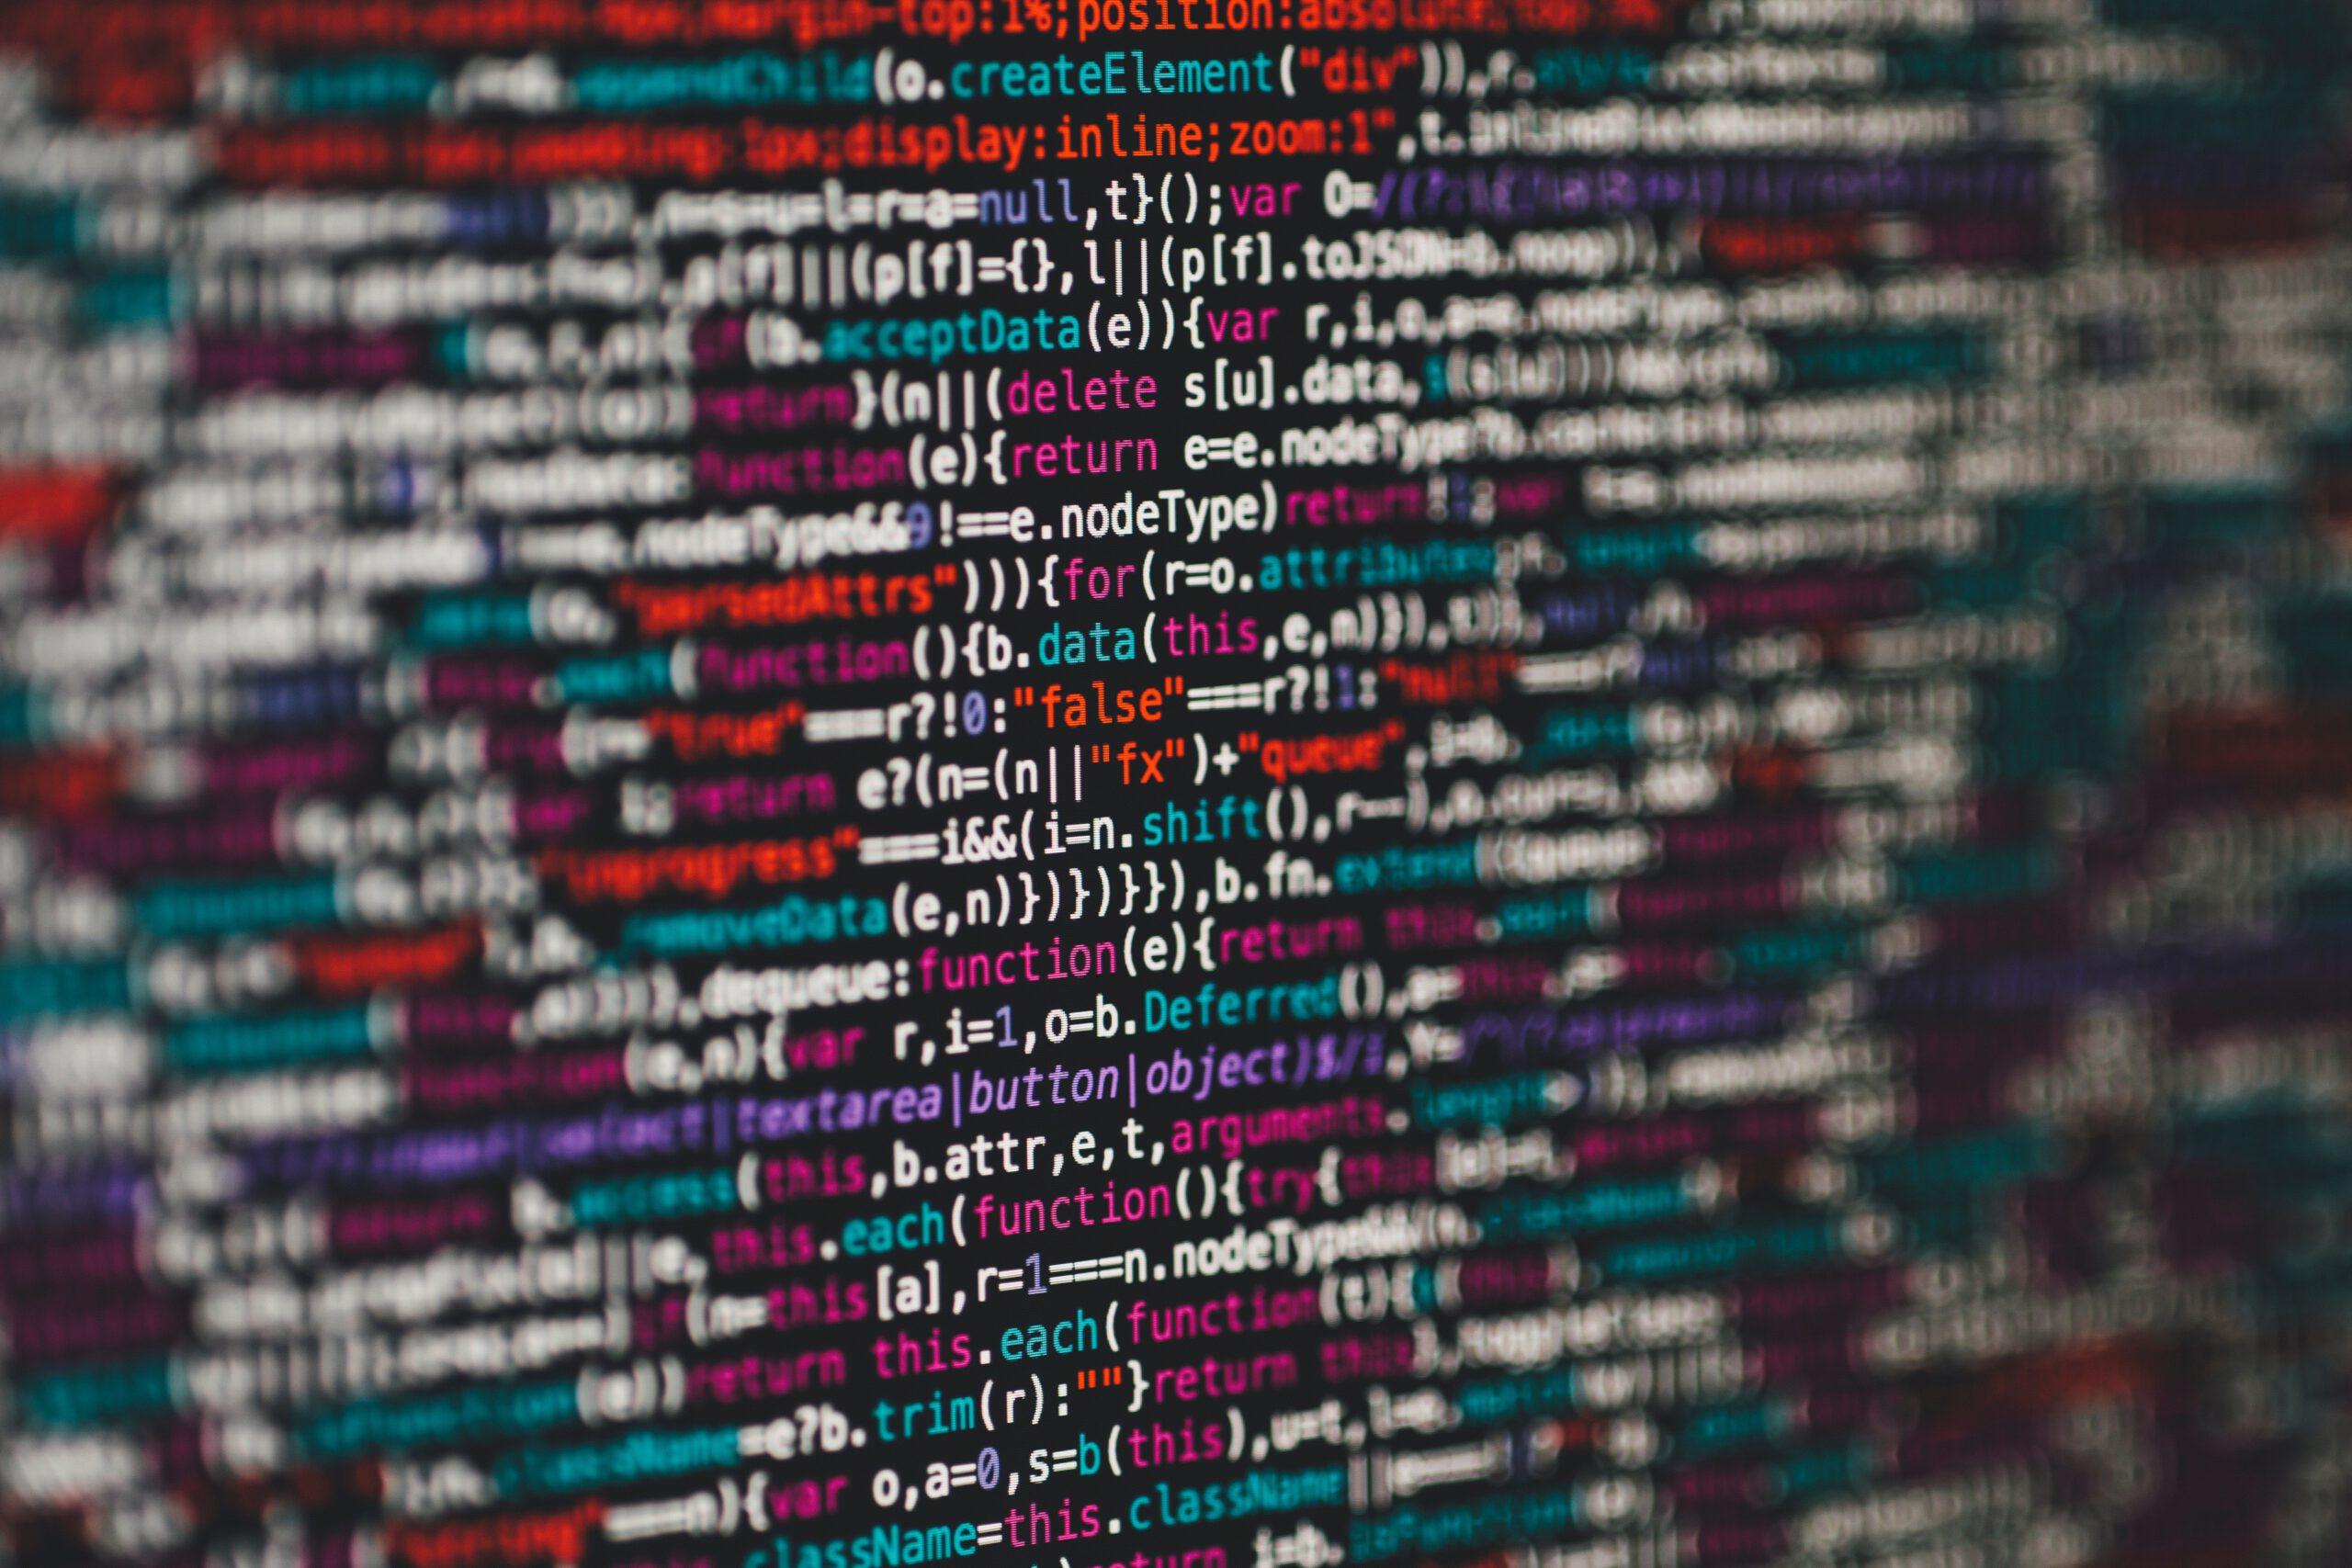 Nieuwe aangrijpingspunten voor medicijnen ontdekken door gebruik te maken van computer-  en laboratorium-modellen